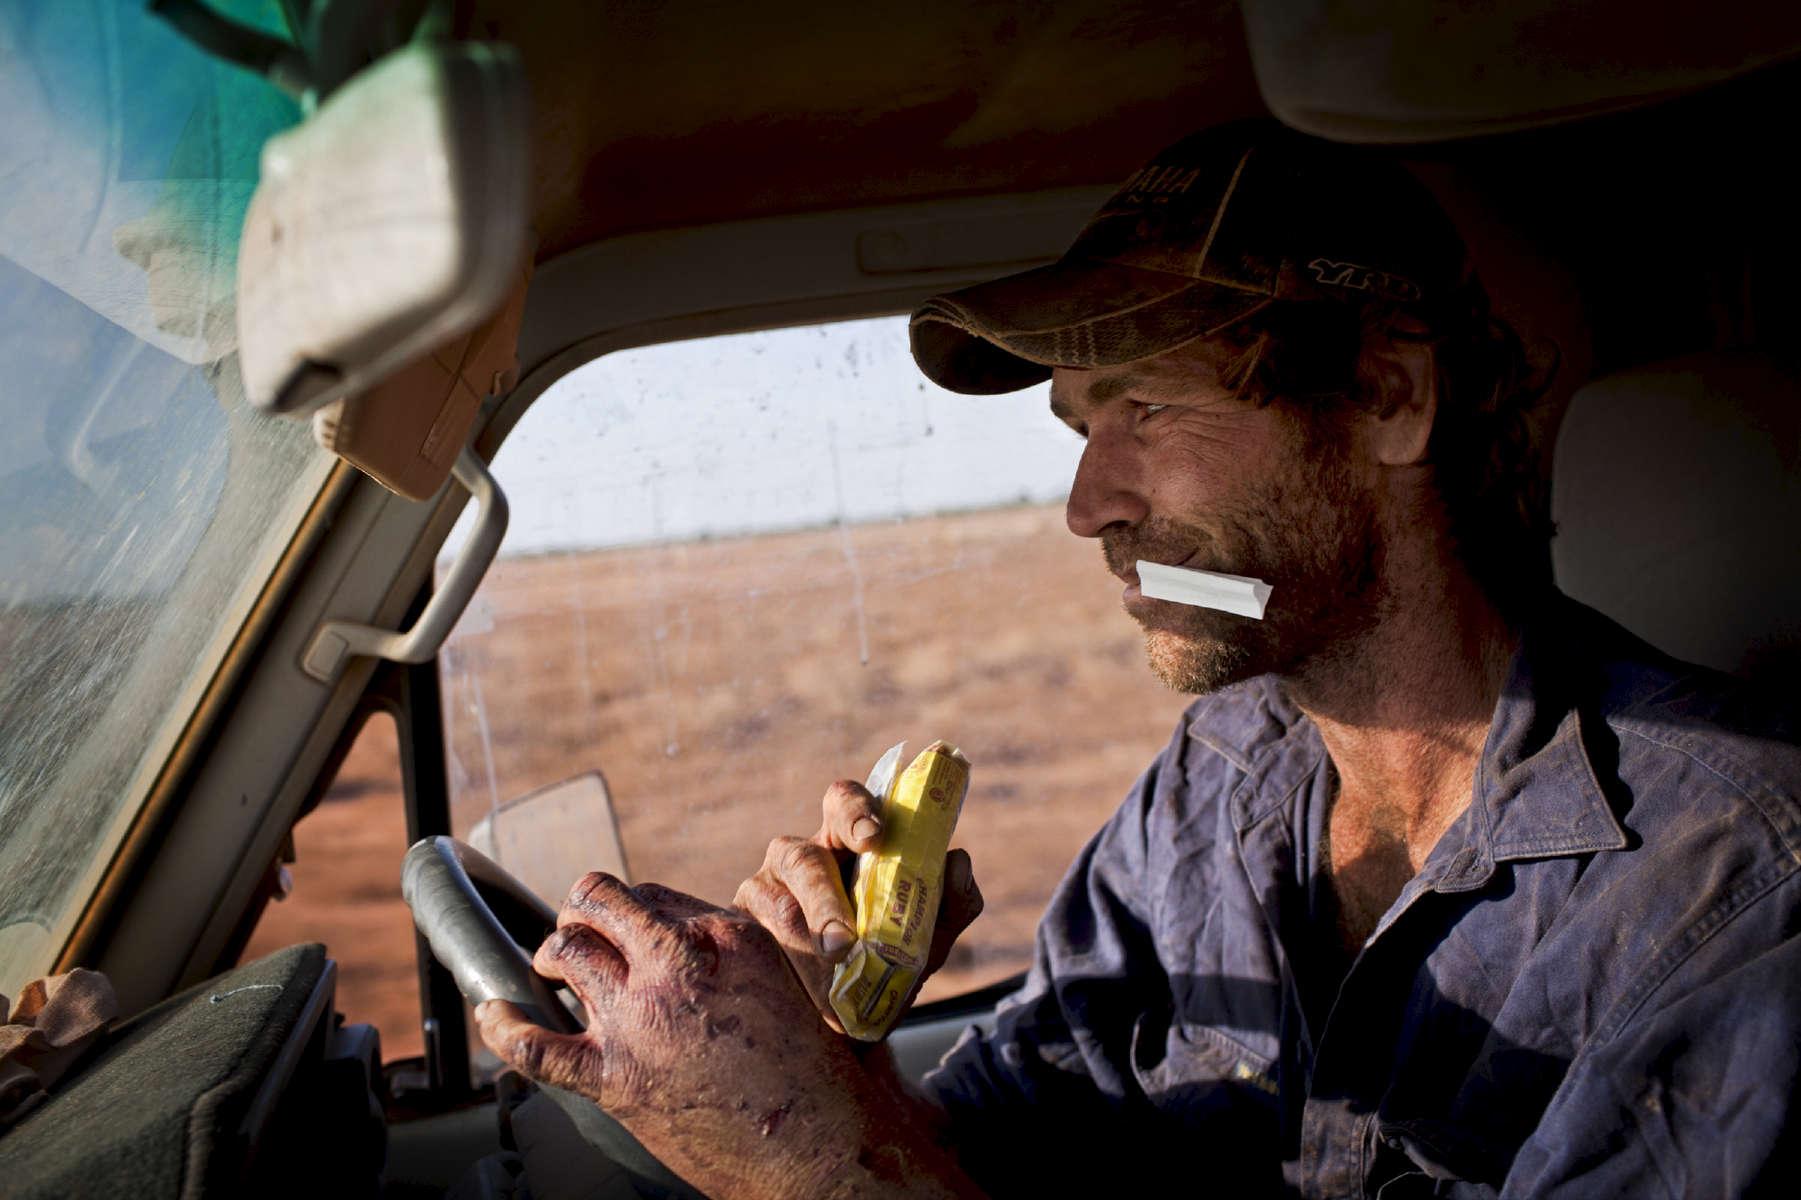 Shaun, 30 ans, vient de l'Etat du Queensland. Issu d'une famille de trois fils, il est le seul à avoir choisi le domaine agricole. Pour lui, ce sentiment d'espace et de liberté n'a pas de prix malgré la rudesse du quotidien. Le sourire au coin des lèvres, il ajoute timidement : De toute façon, ce n'est pas comme si je savais faire autre chose. Il est nourri, logé, travaille sept jours sur sept, et en tant que chef d'équipe il gagne 230 dollars australiens par jour. TN,  Australie, 2011.